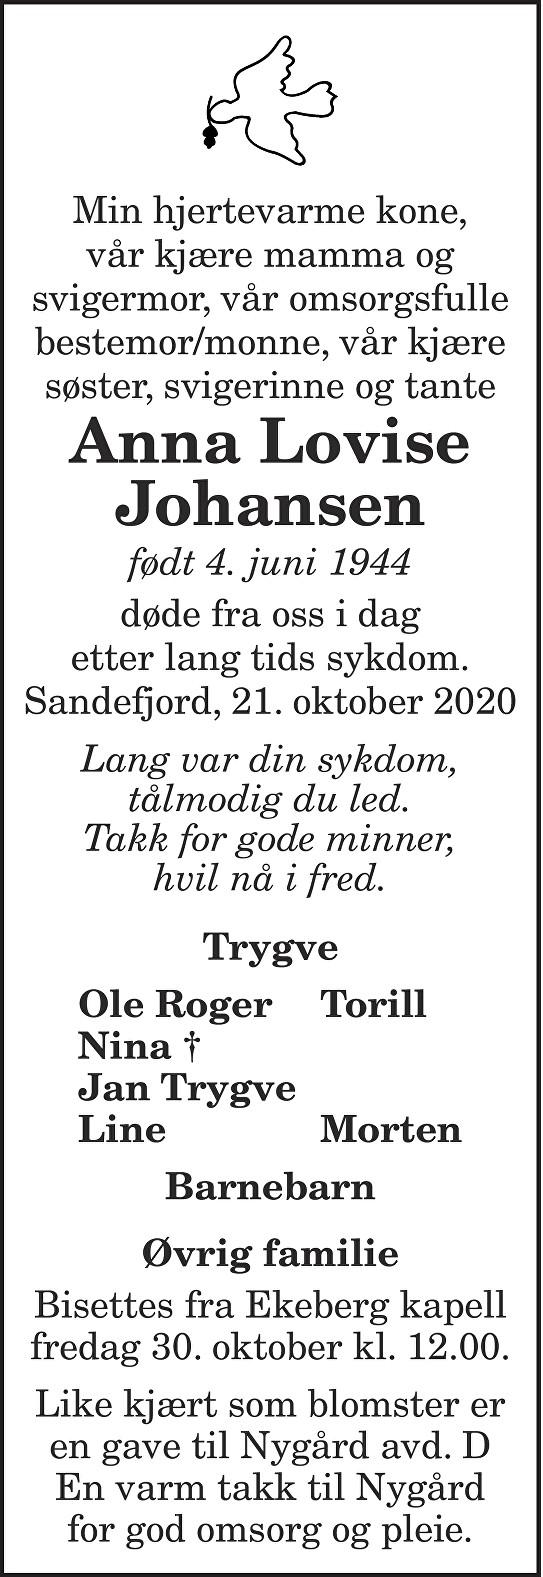 Anna Lovise Johansen Dødsannonse